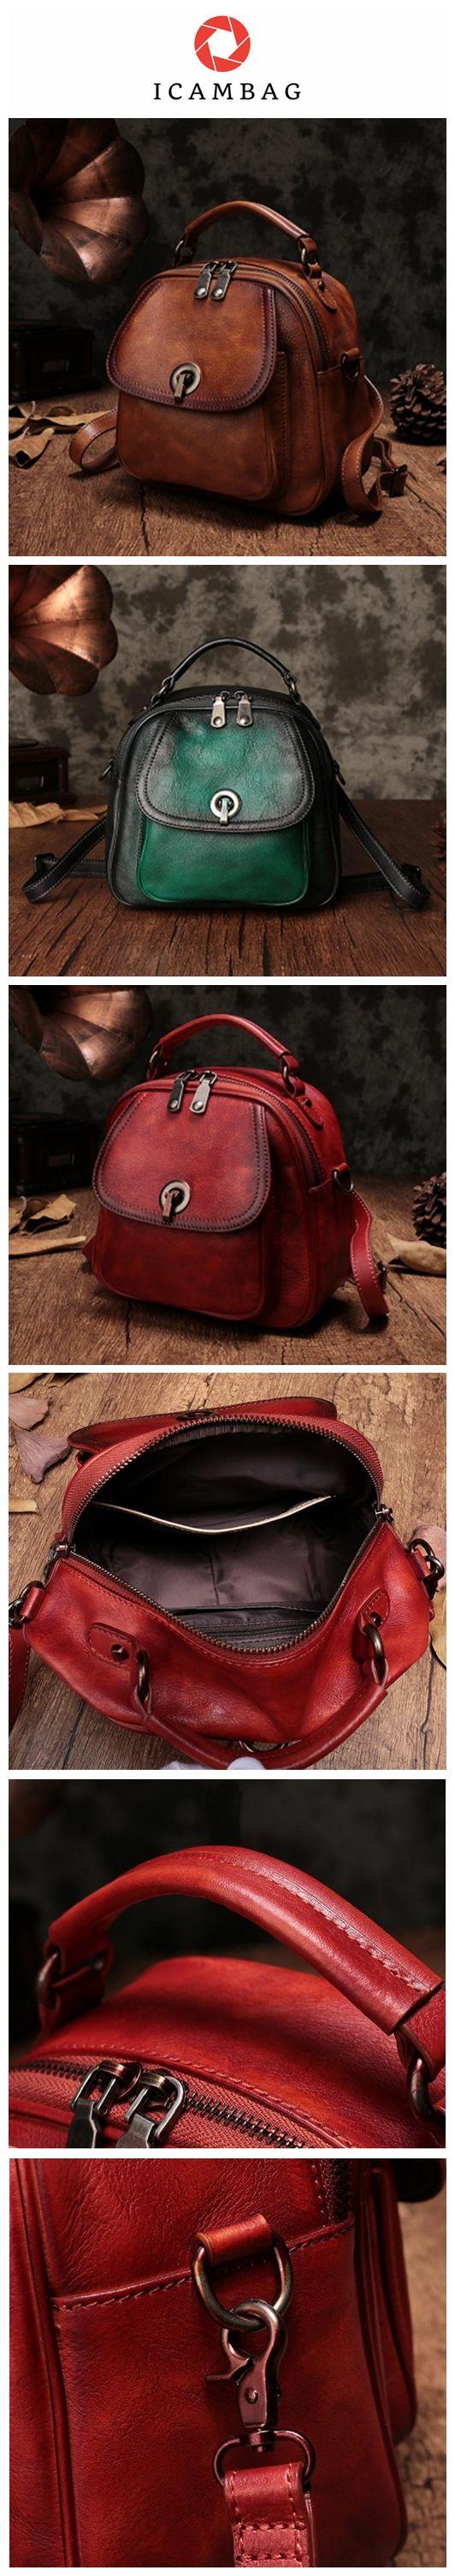 Handmade Genuine Leather Backpacks For Women,Small Lovely Bags 1021